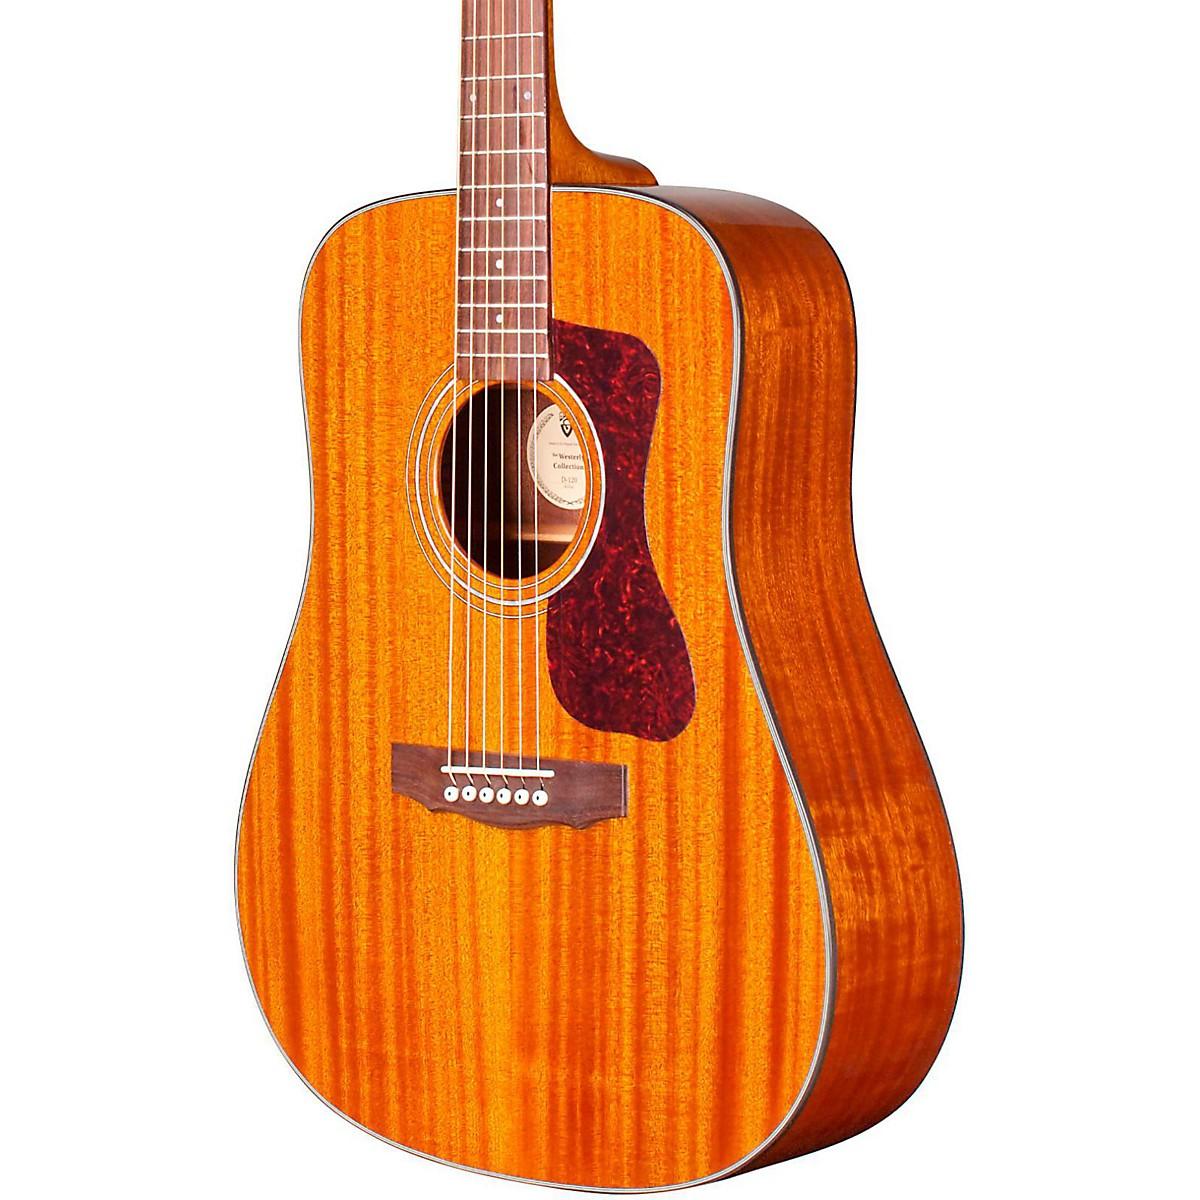 Guild D-120 Acoustic Guitar